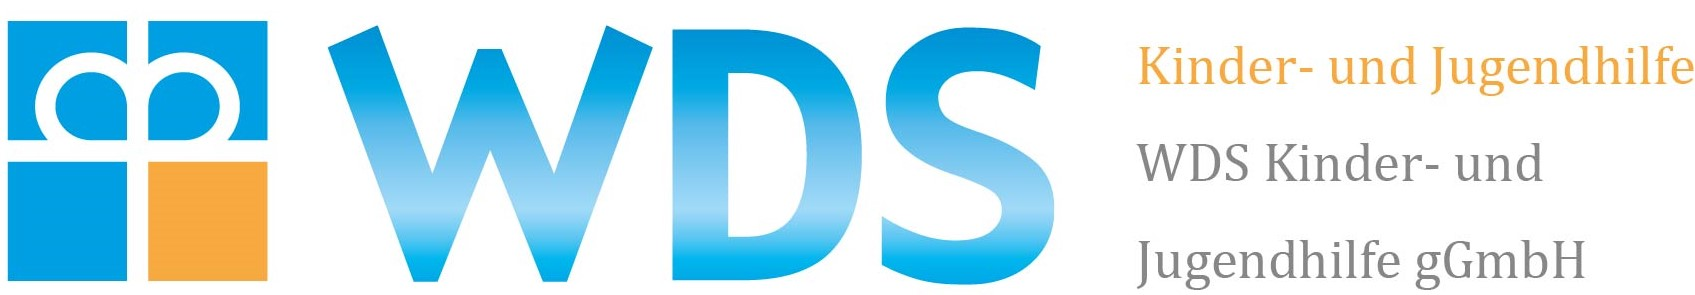 Logo: WDS Kinder- und Jugendhilfe gGmbH